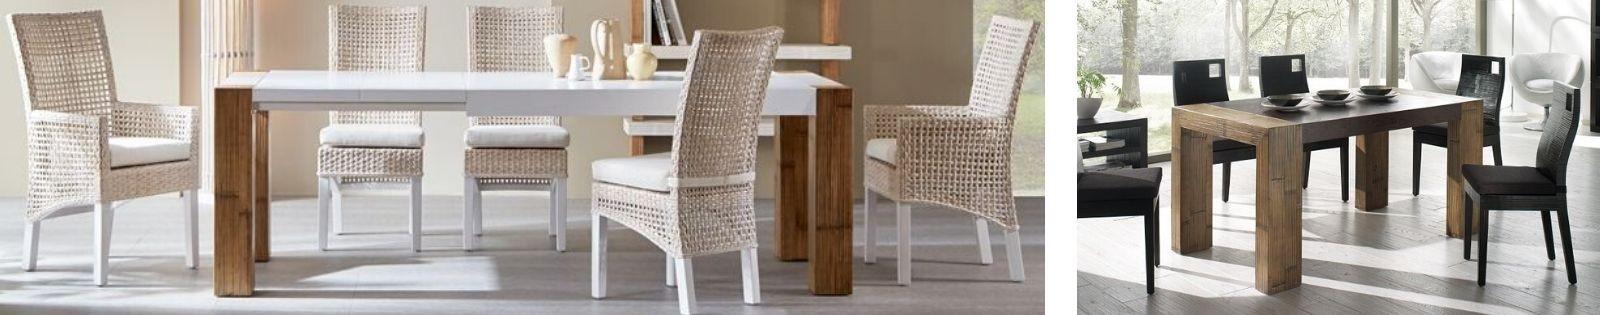 Salle à manger en bambou Haut de Gamme - Vente de table, chaise, buffet - Lotuséa